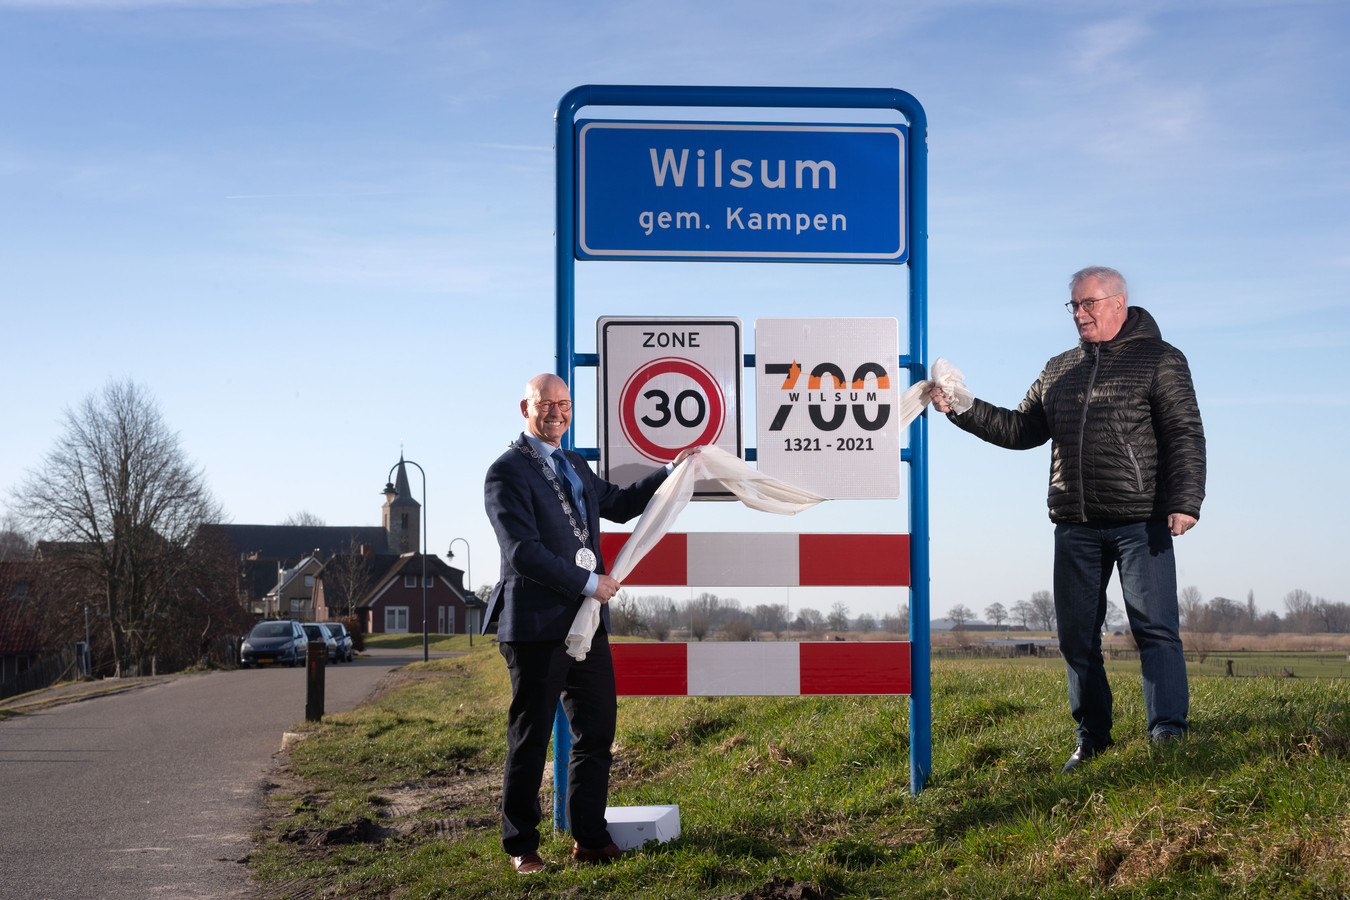 Samen met burgemeester Bort Koelewijn van Kampen, onthult Cor Wursten van Dorpsbelang Wilsum het bord voor het 700-jarig bestaan van Wilsum.